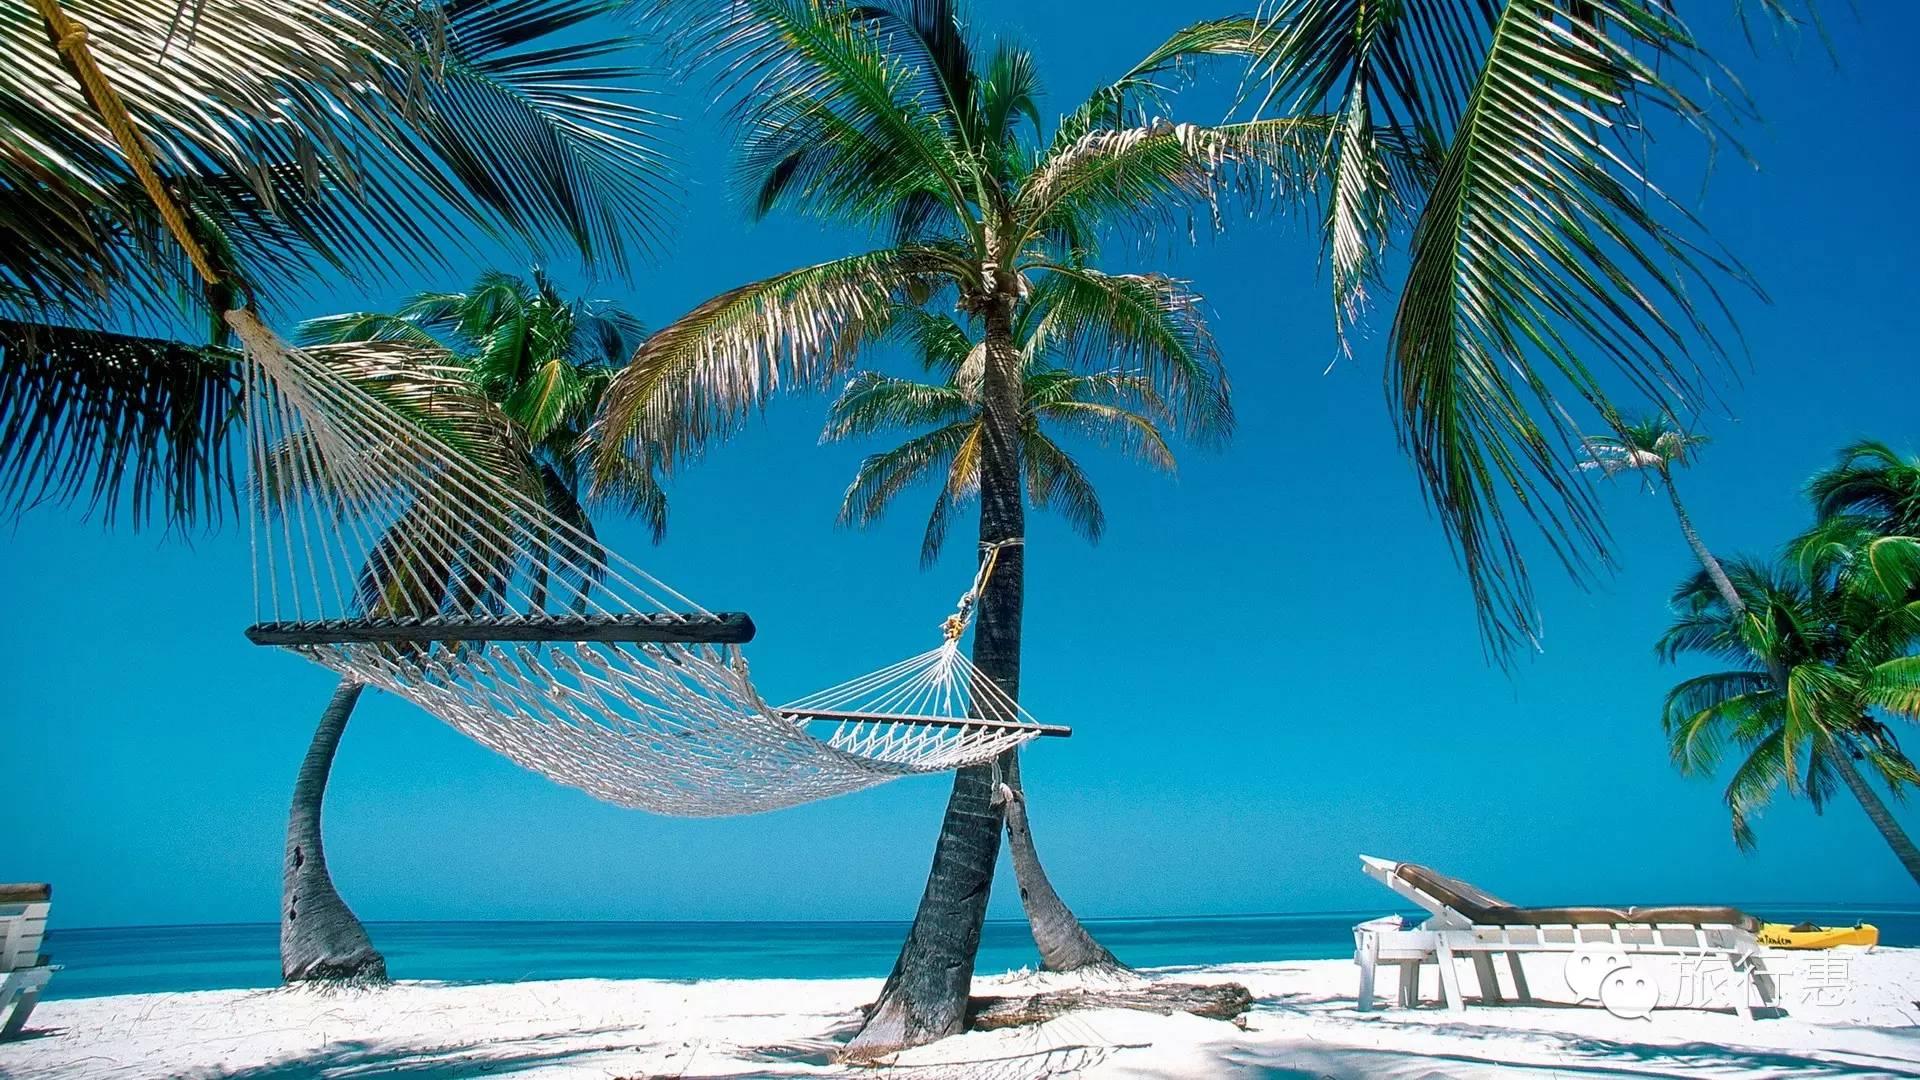 蜂行【臻品】普吉岛·斯米兰.椰子岛4飞9日游,双体帆船旅拍 普吉一地>